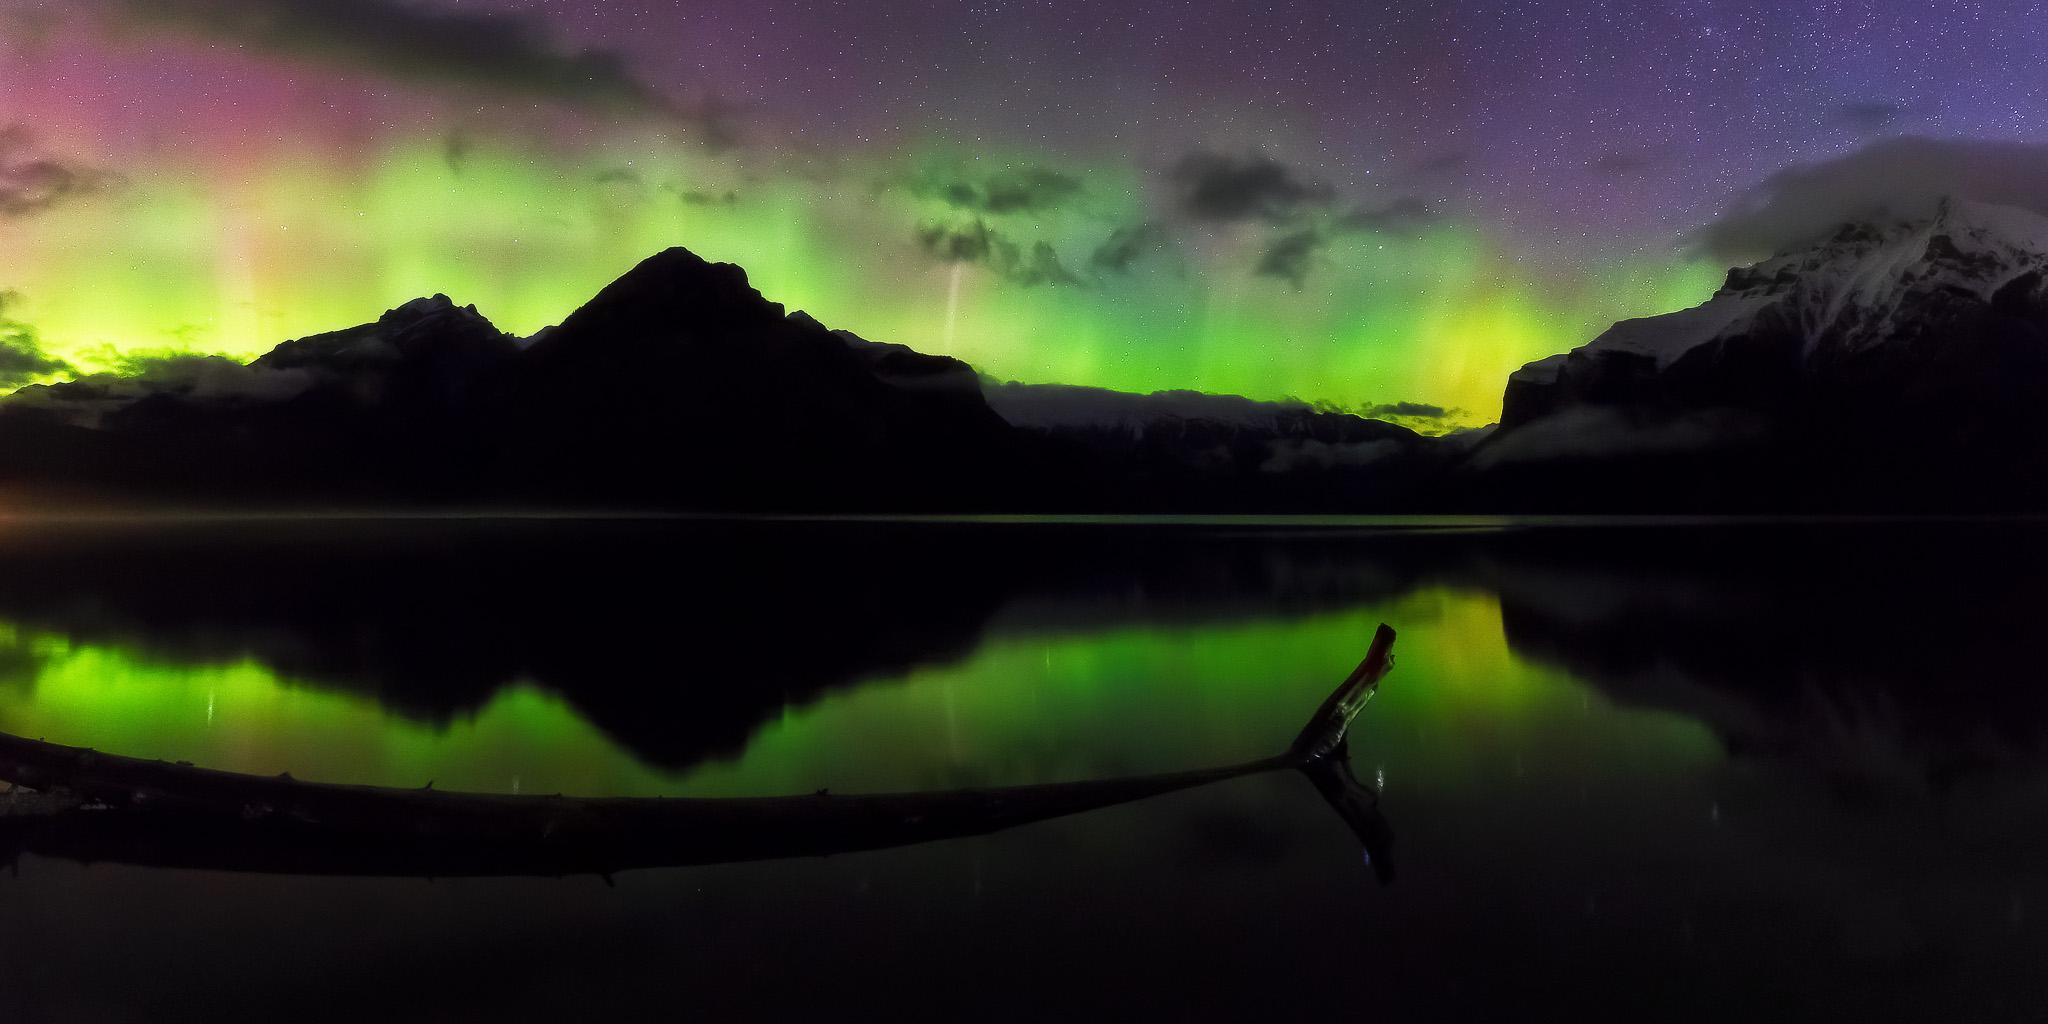 Panorama of the aurora from Lake Minnewanka